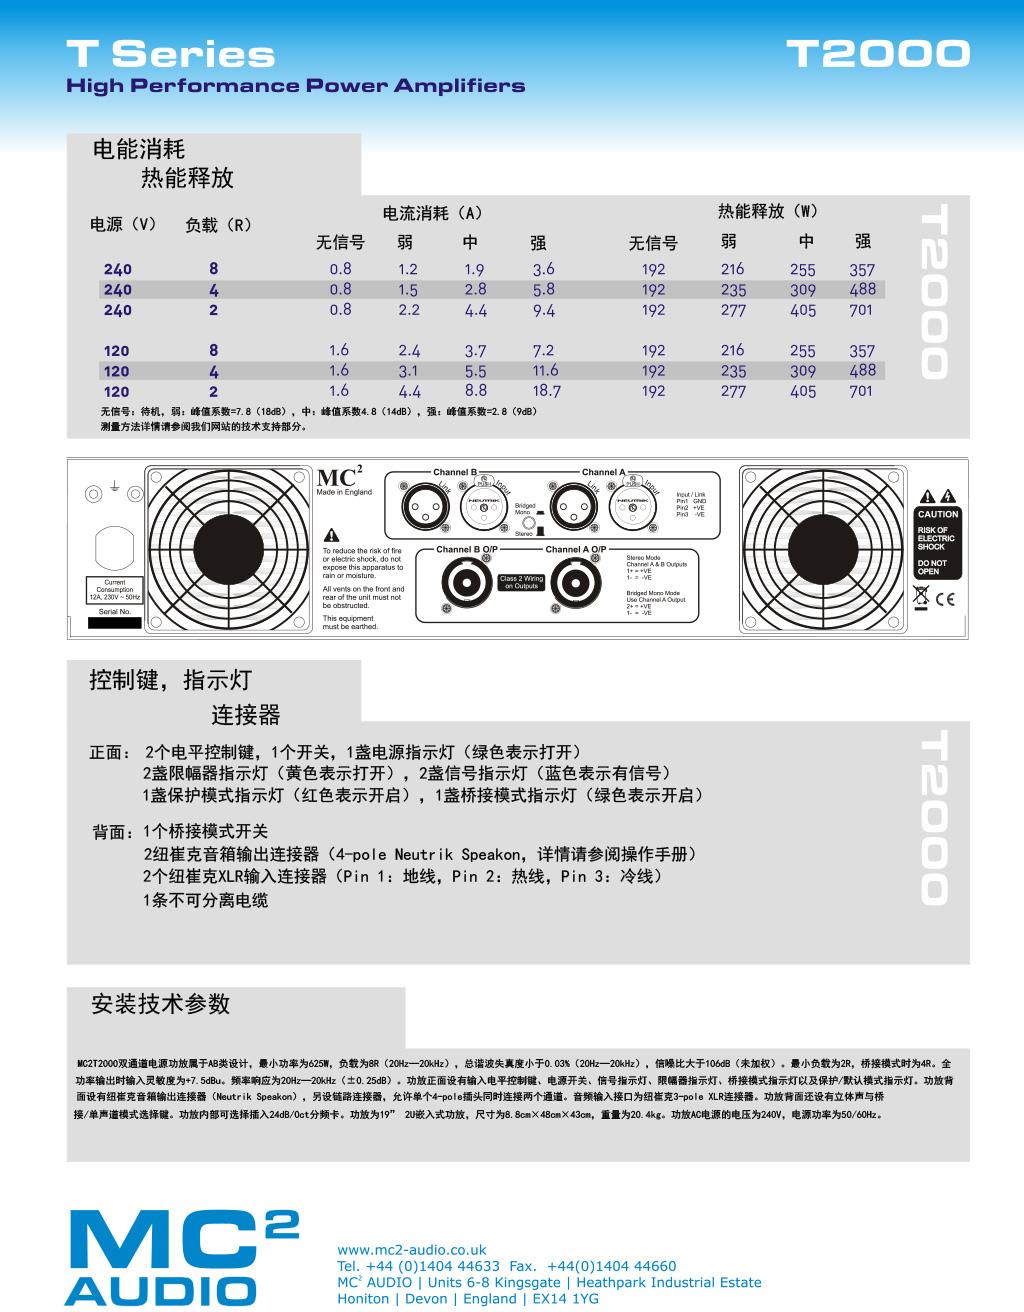 t2000_datasheet-C-2